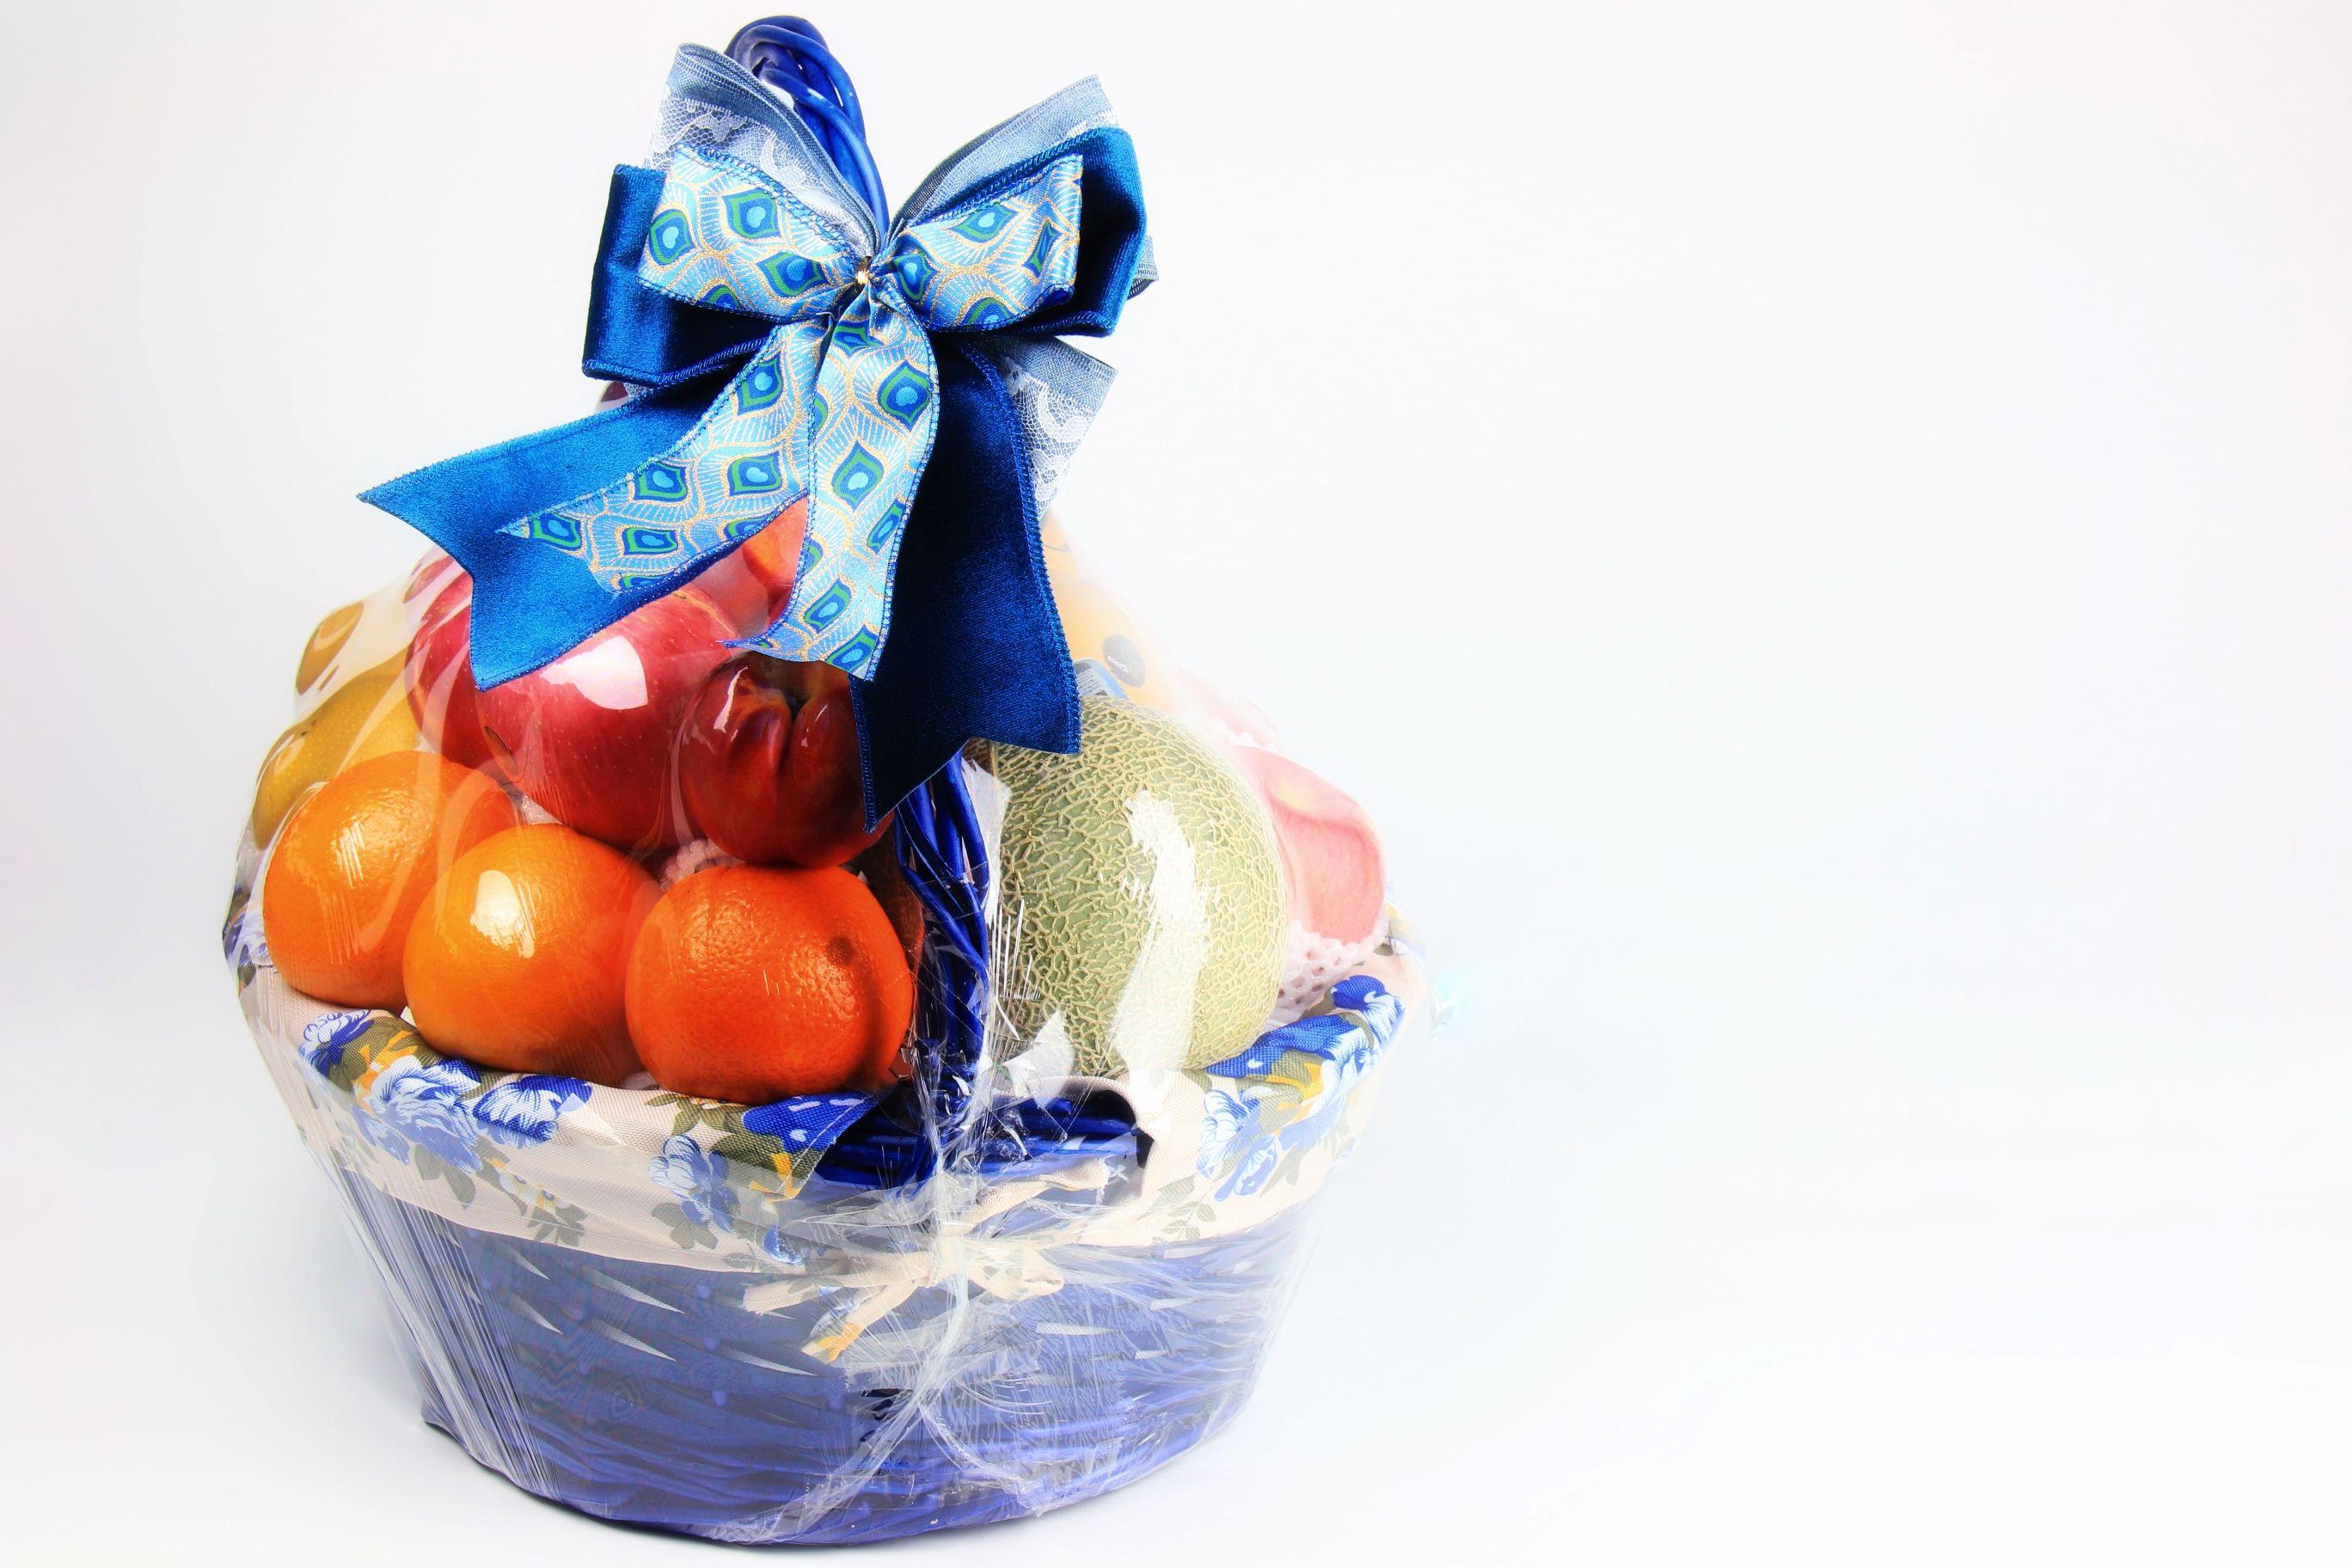 Gift Baskets & Parcels